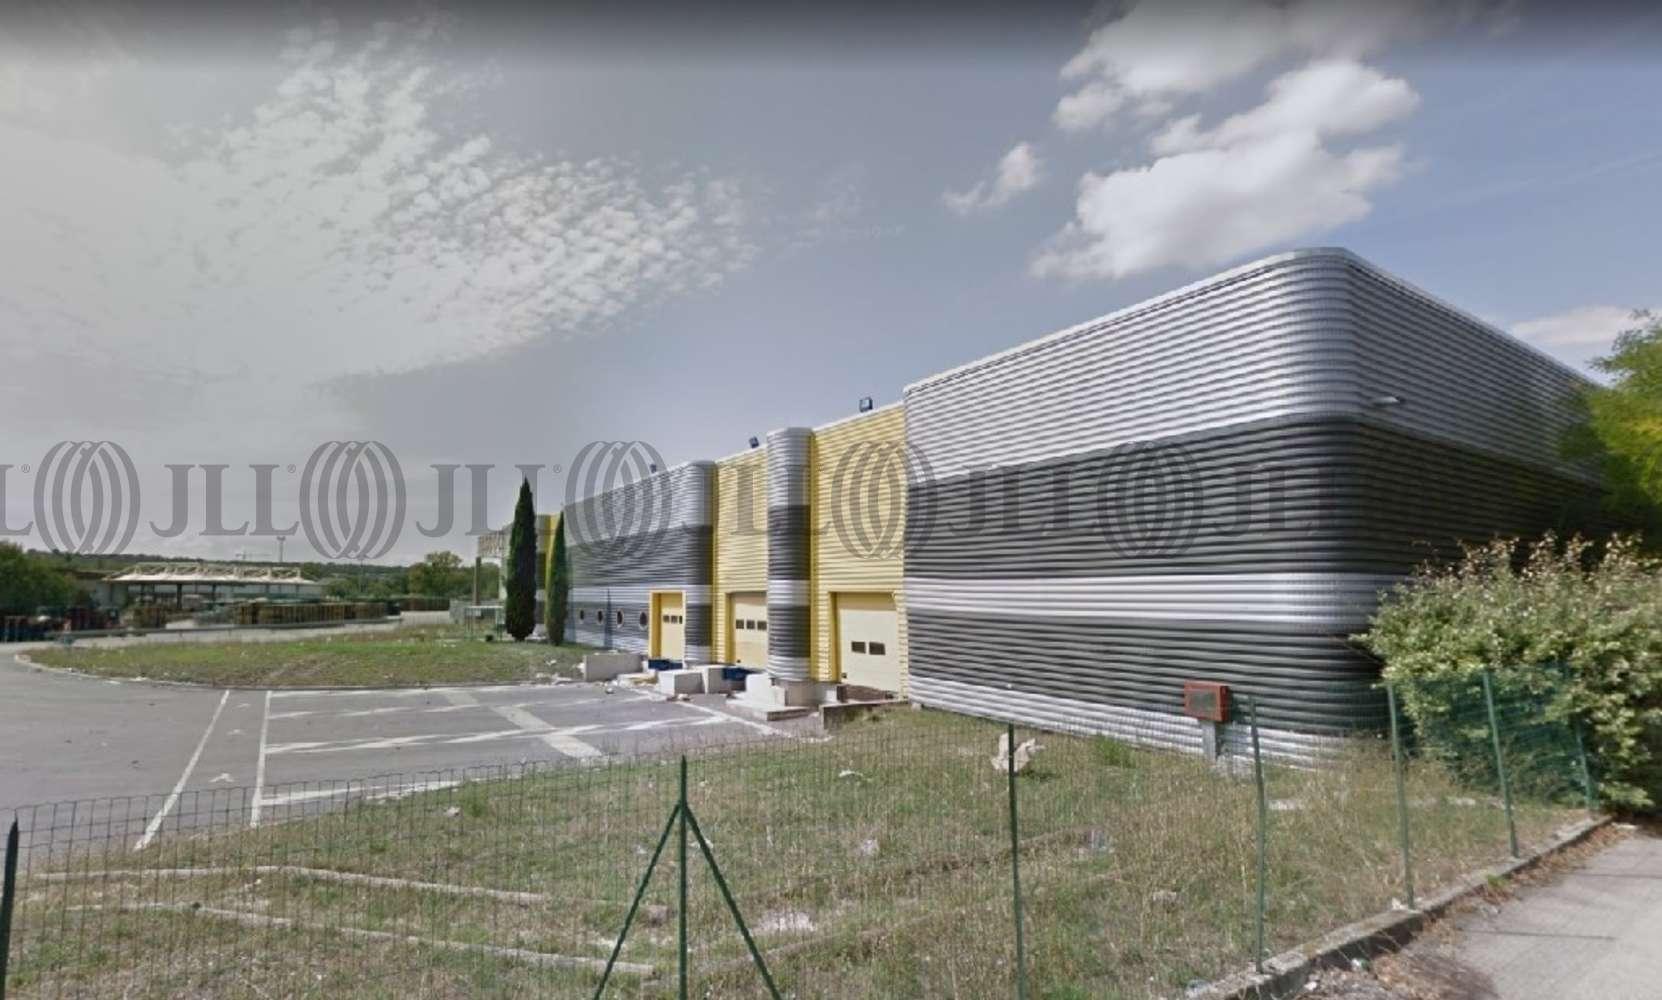 Plateformes logistiques Les milles, 13290 - LOCATION ENTREPOT MARSEILLE - 10928601